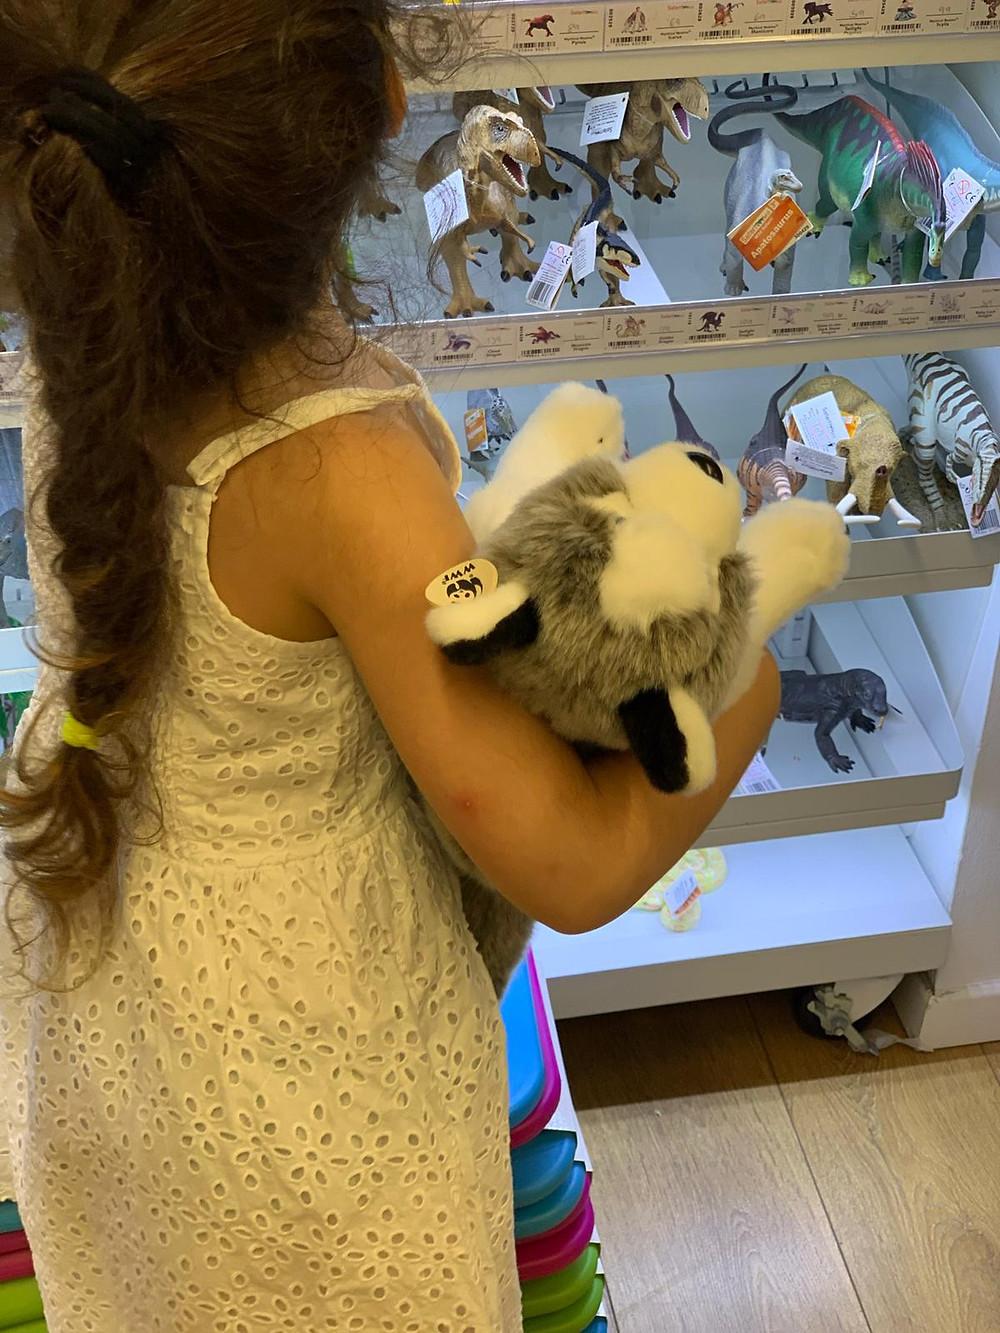 בובות פרווה של כלבים טומי ואניקה - חנות בתל אביב